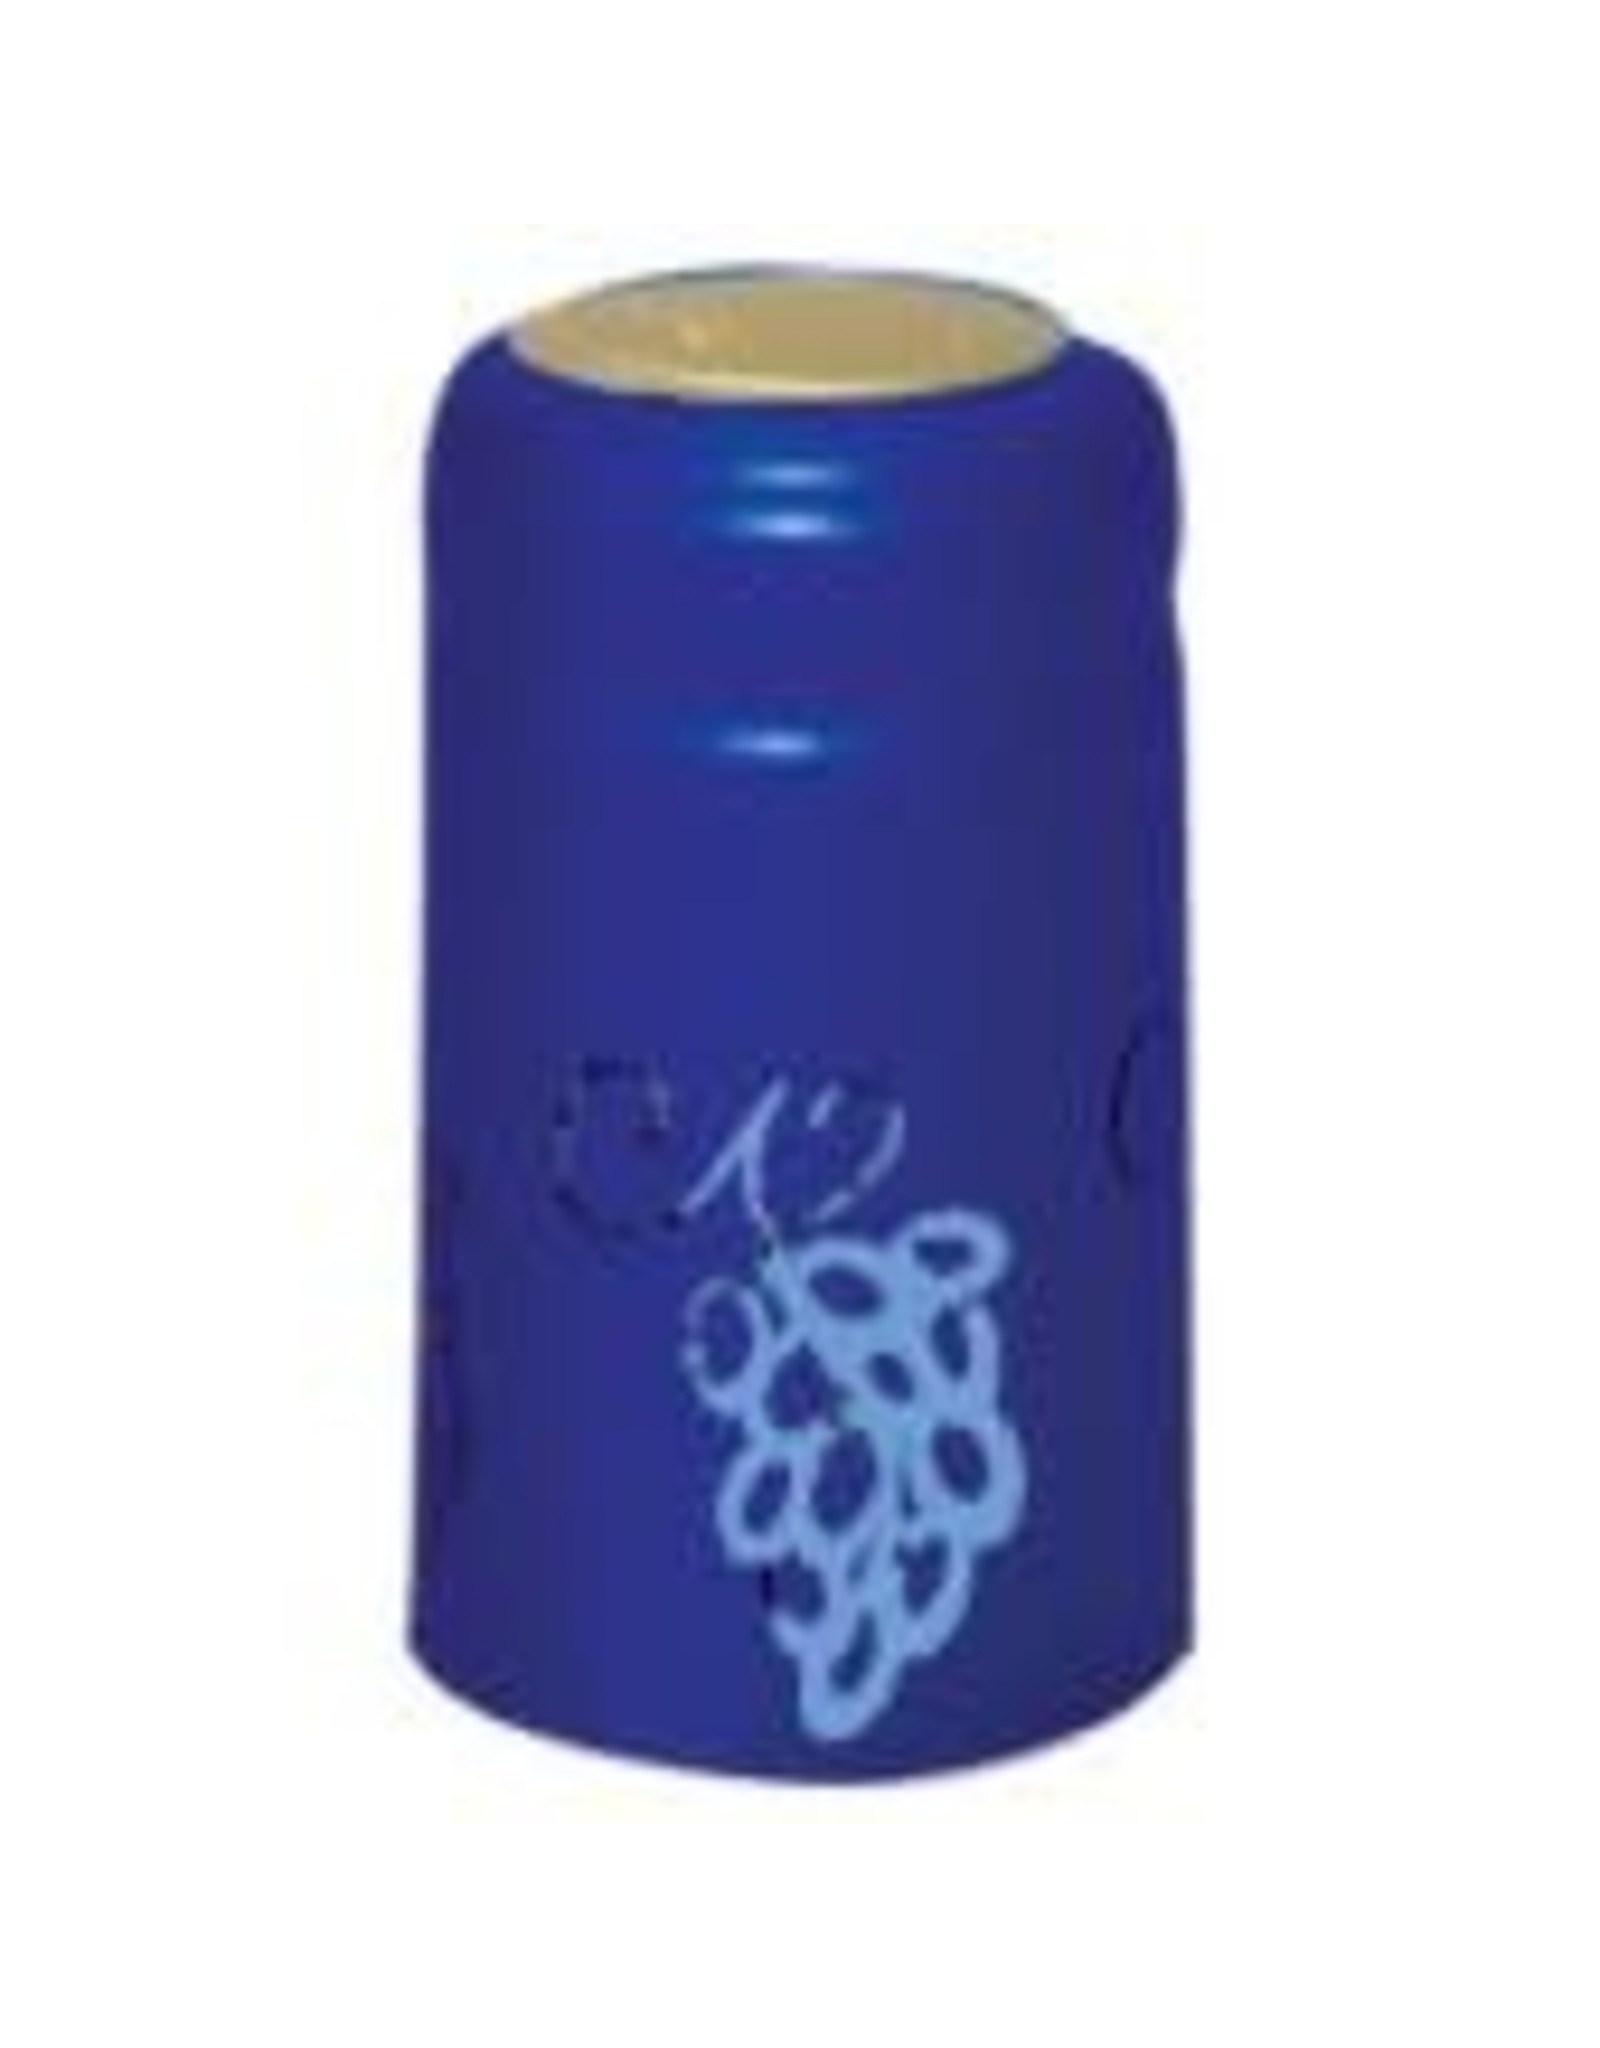 BLUE W/GRAPE SHRINK CAPS 100 PACK